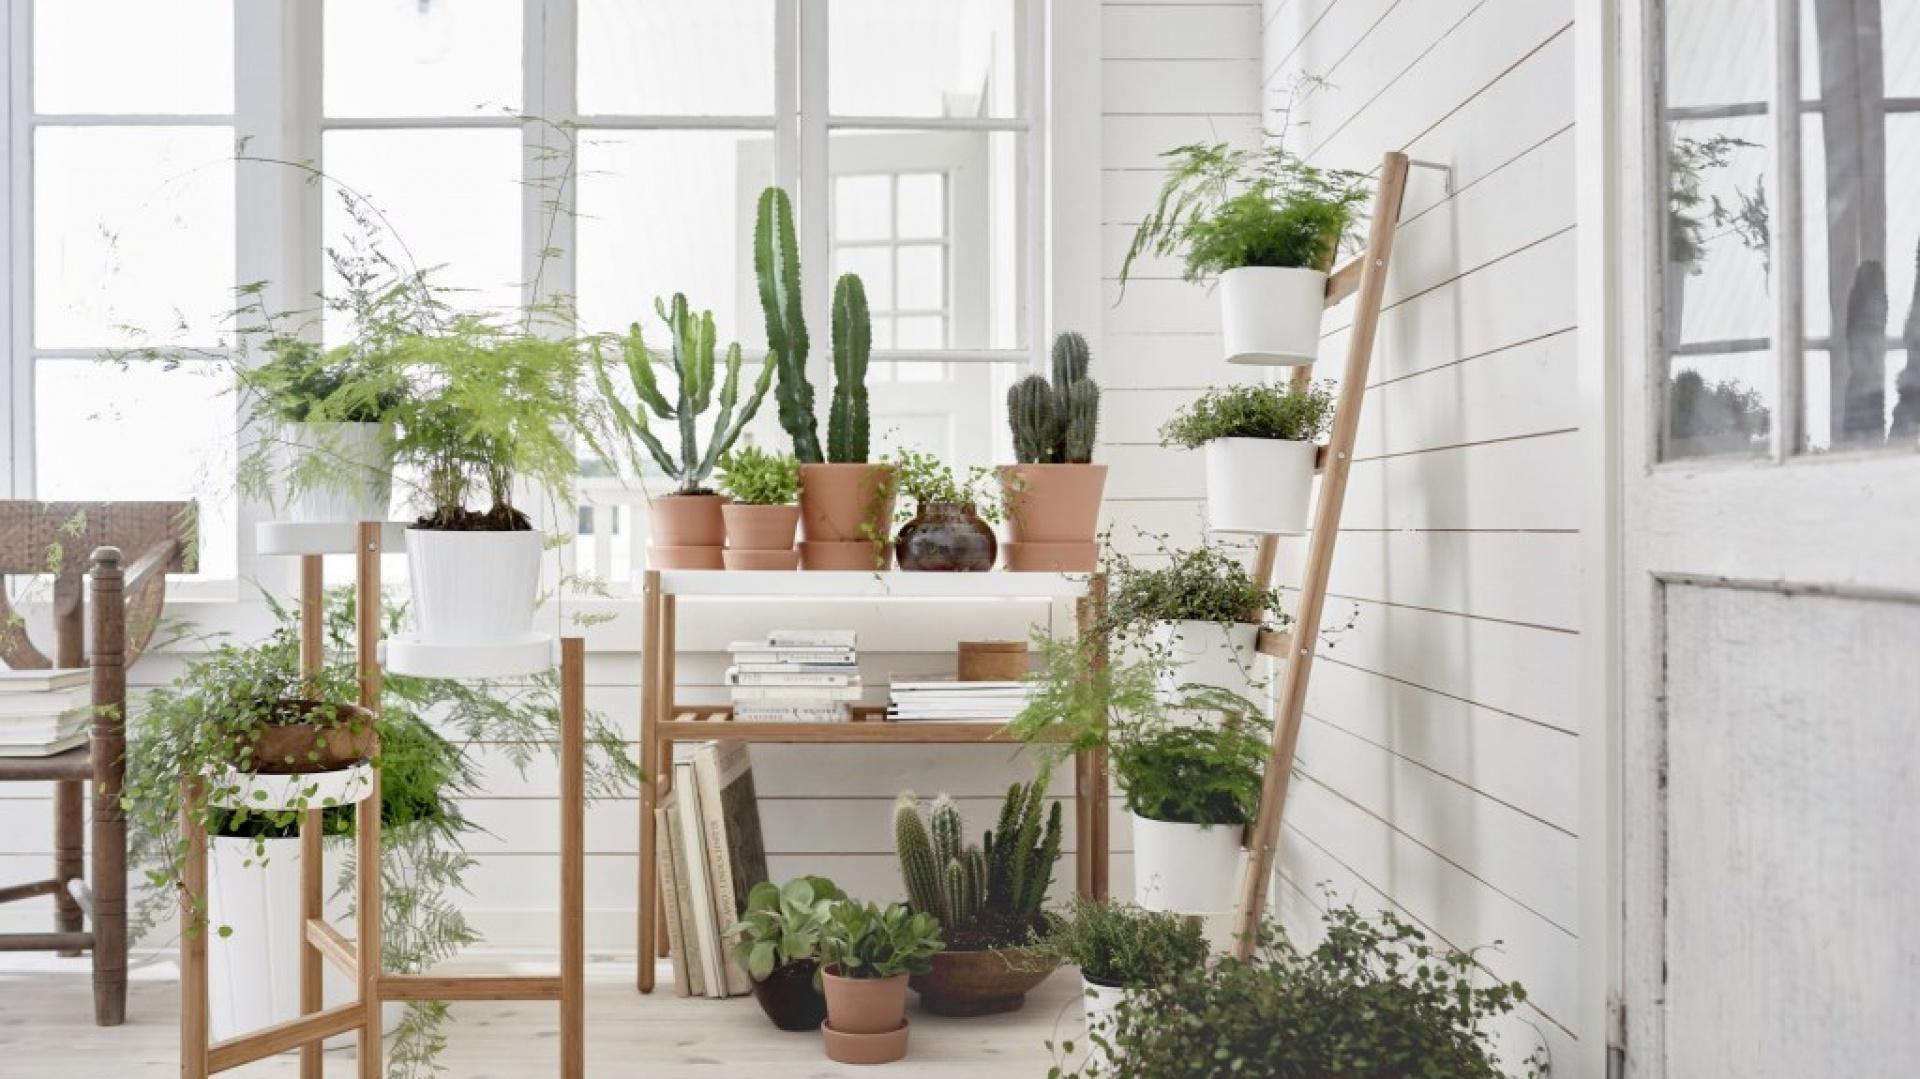 Kolekcja ceramicznych doniczek to nowość ze sklepów IKEA. Fot. IKEA.